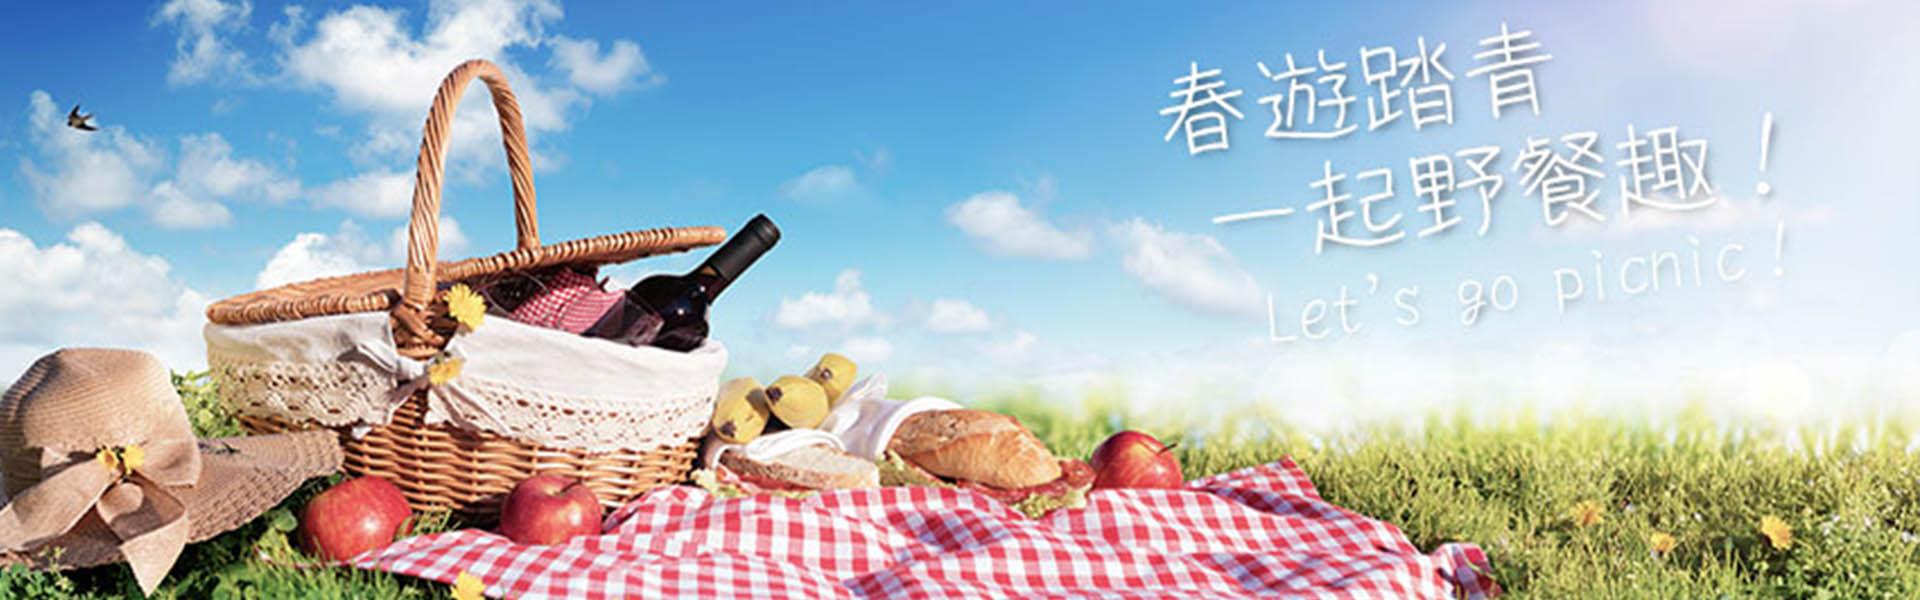 春遊踏青野餐趣 Let's go picnic!|最多野餐用具、手作點心~都在SuperBuy市集